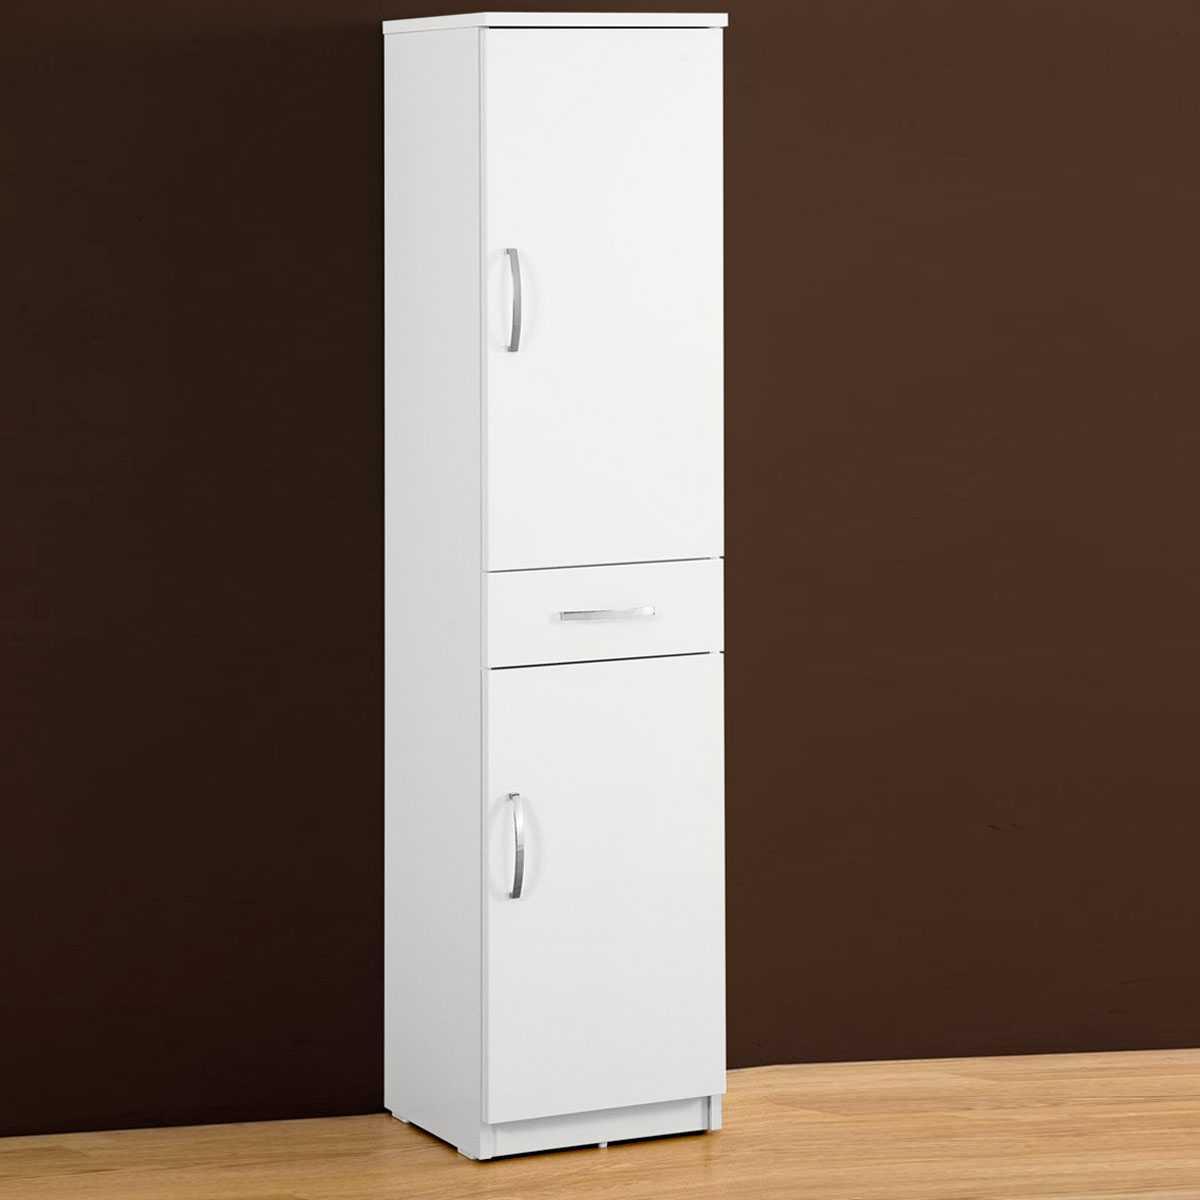 Mobile bagno multiuso 35,5x149,7x35 cm laccato lucido bianco